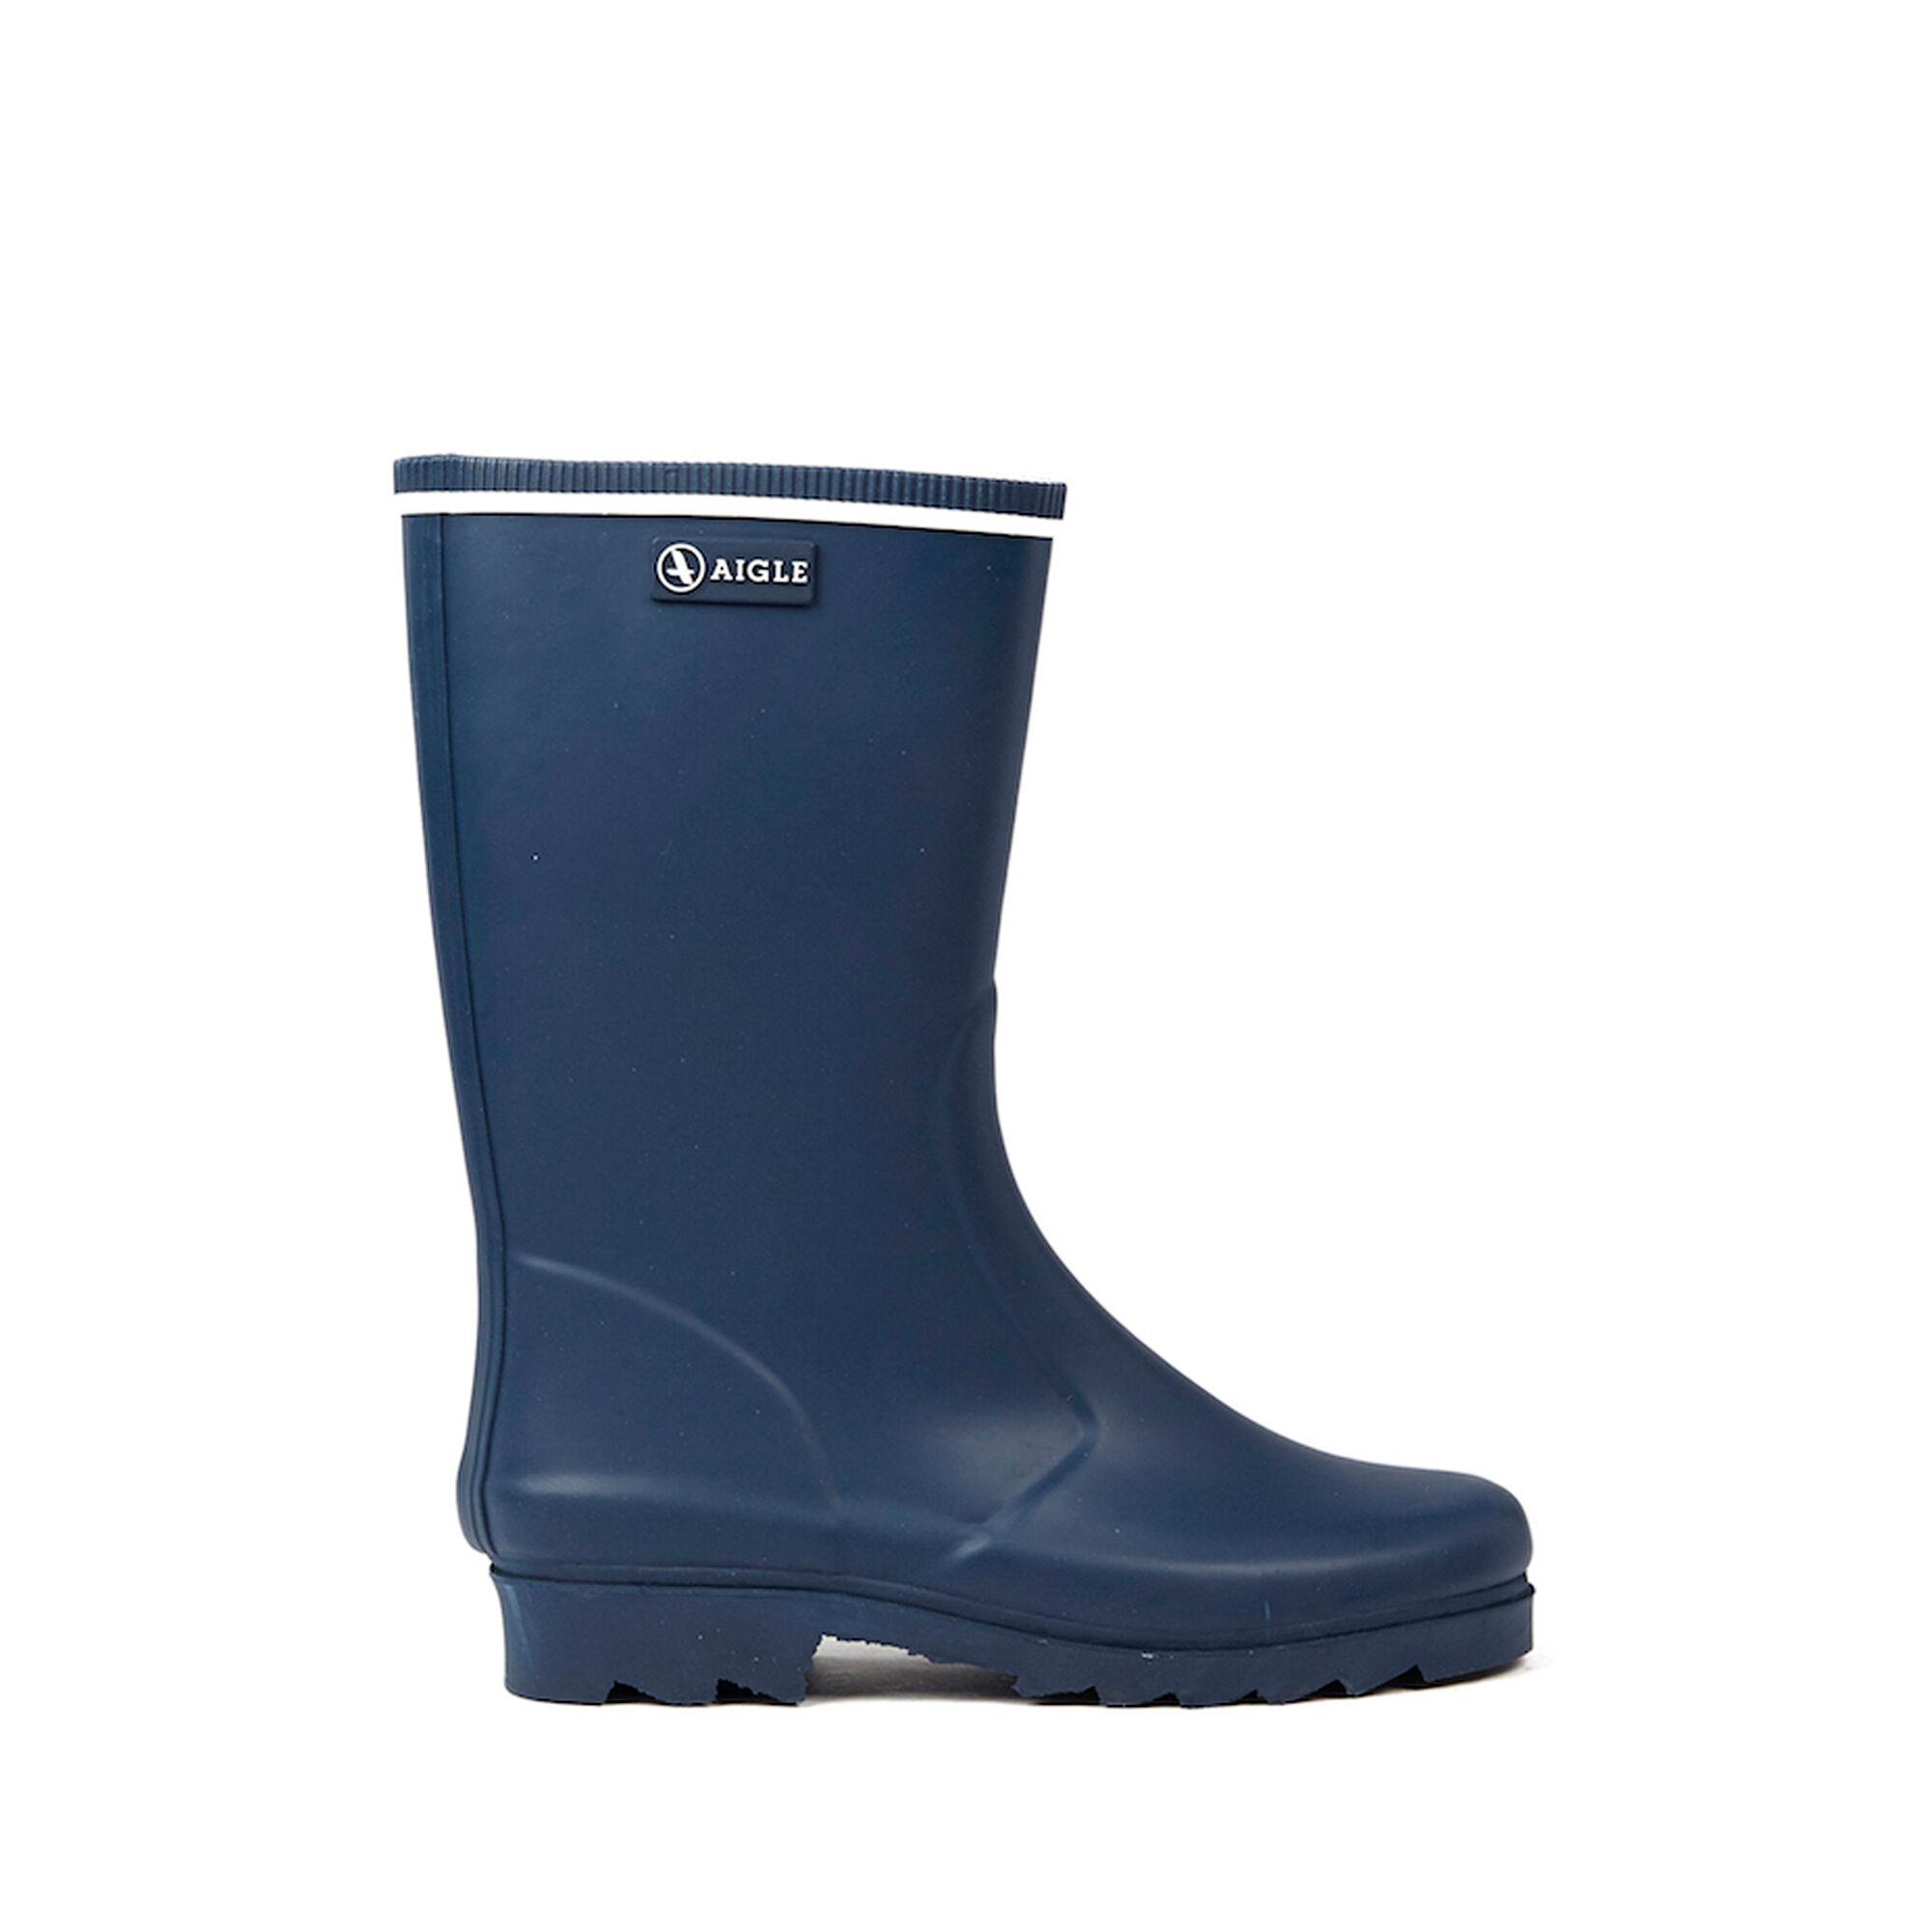 Vêtements de pluie Rain Boot Chaussures Femmes/Léger et confortable style/Mode N t6XLPbBm6